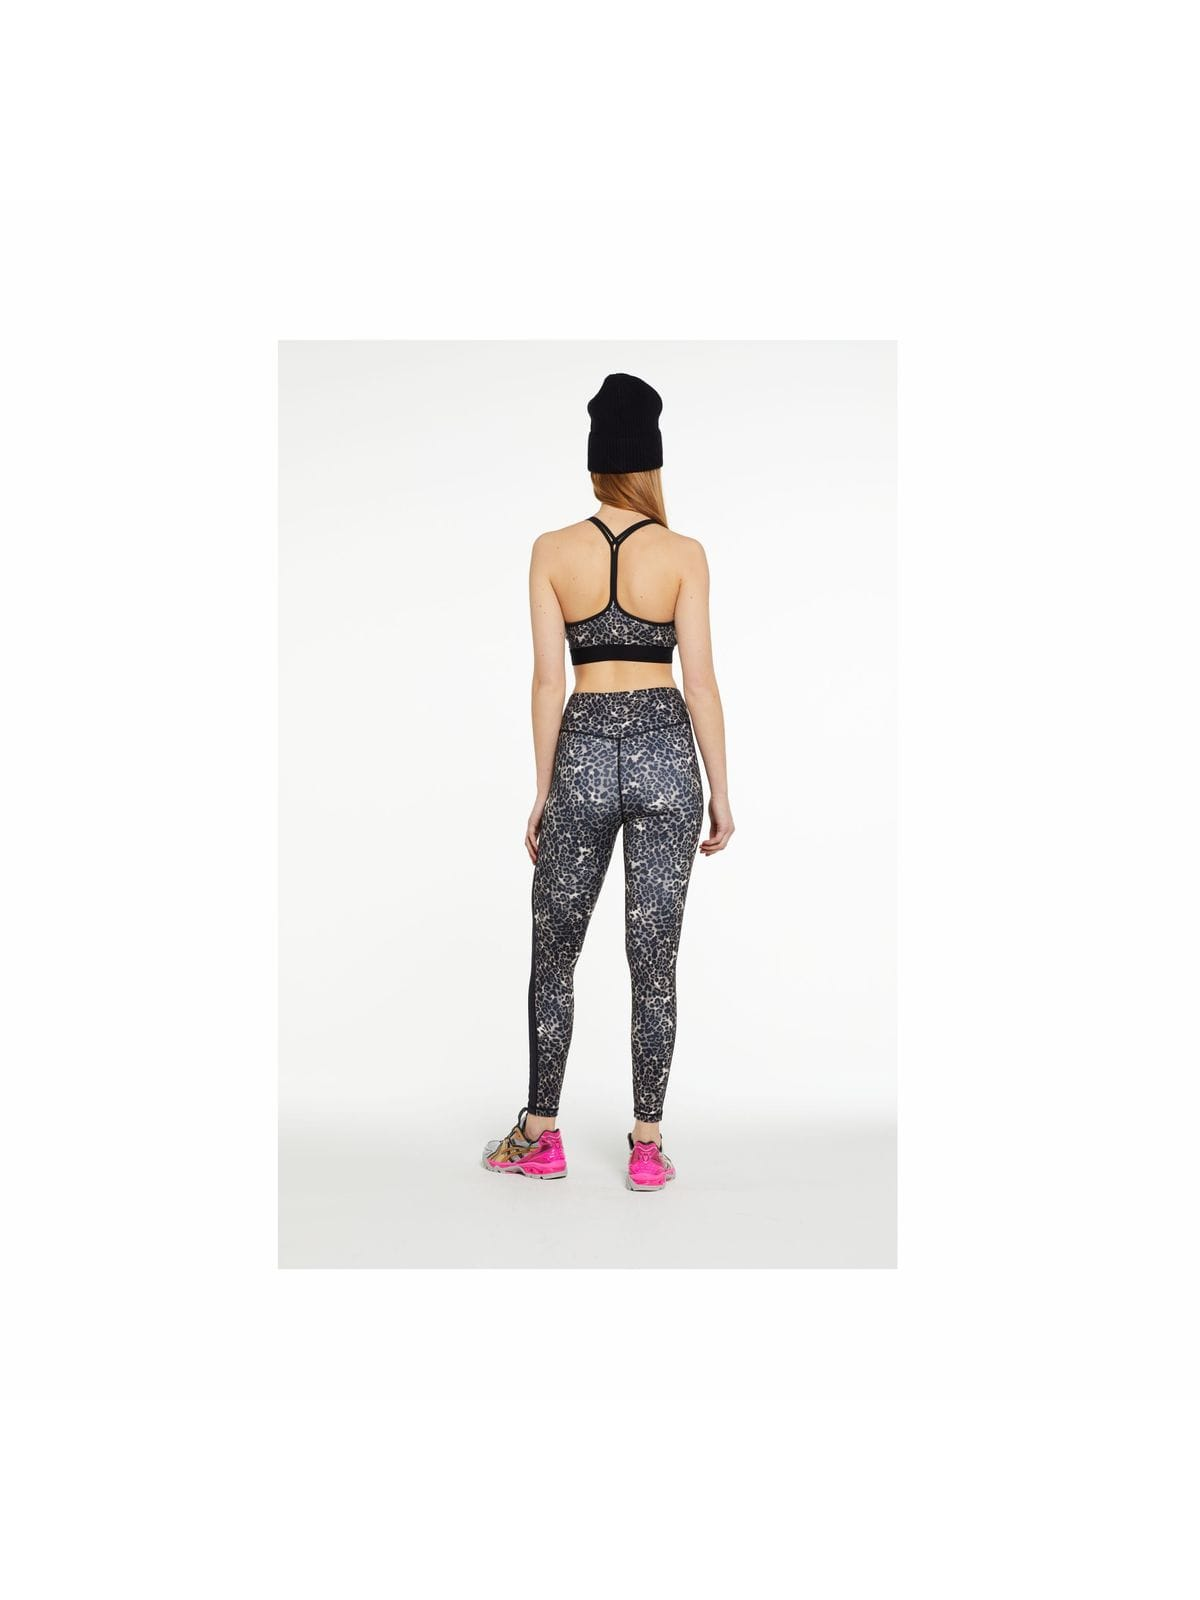 W243-21 -Nadi Yoga Pant Leo_Sesame_LOOK2_1200x1600